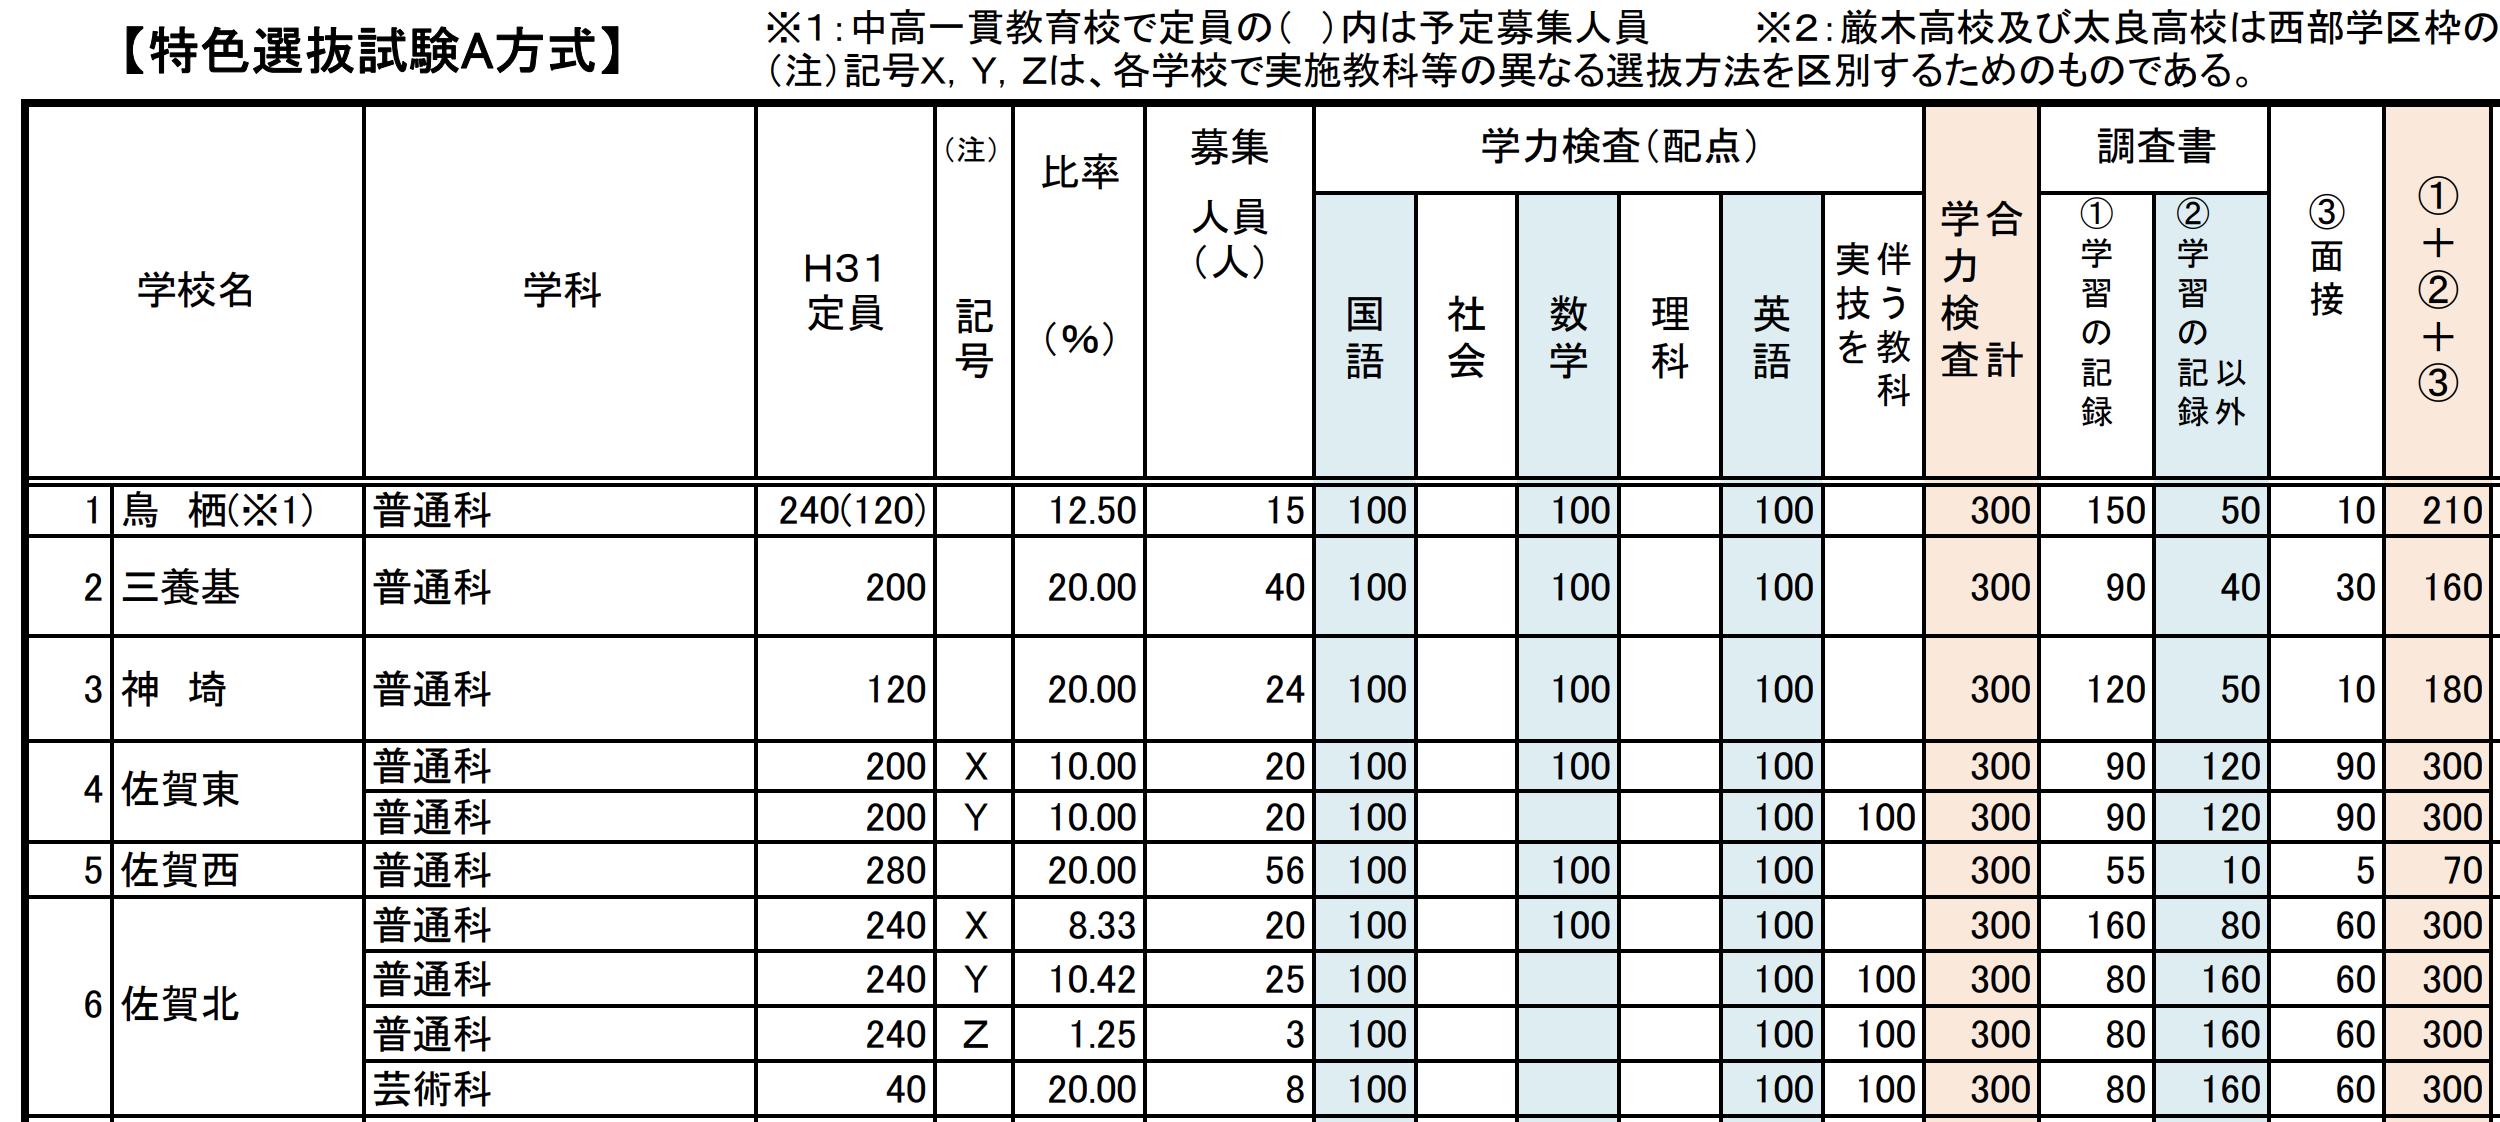 佐賀県公立高校入試制度1